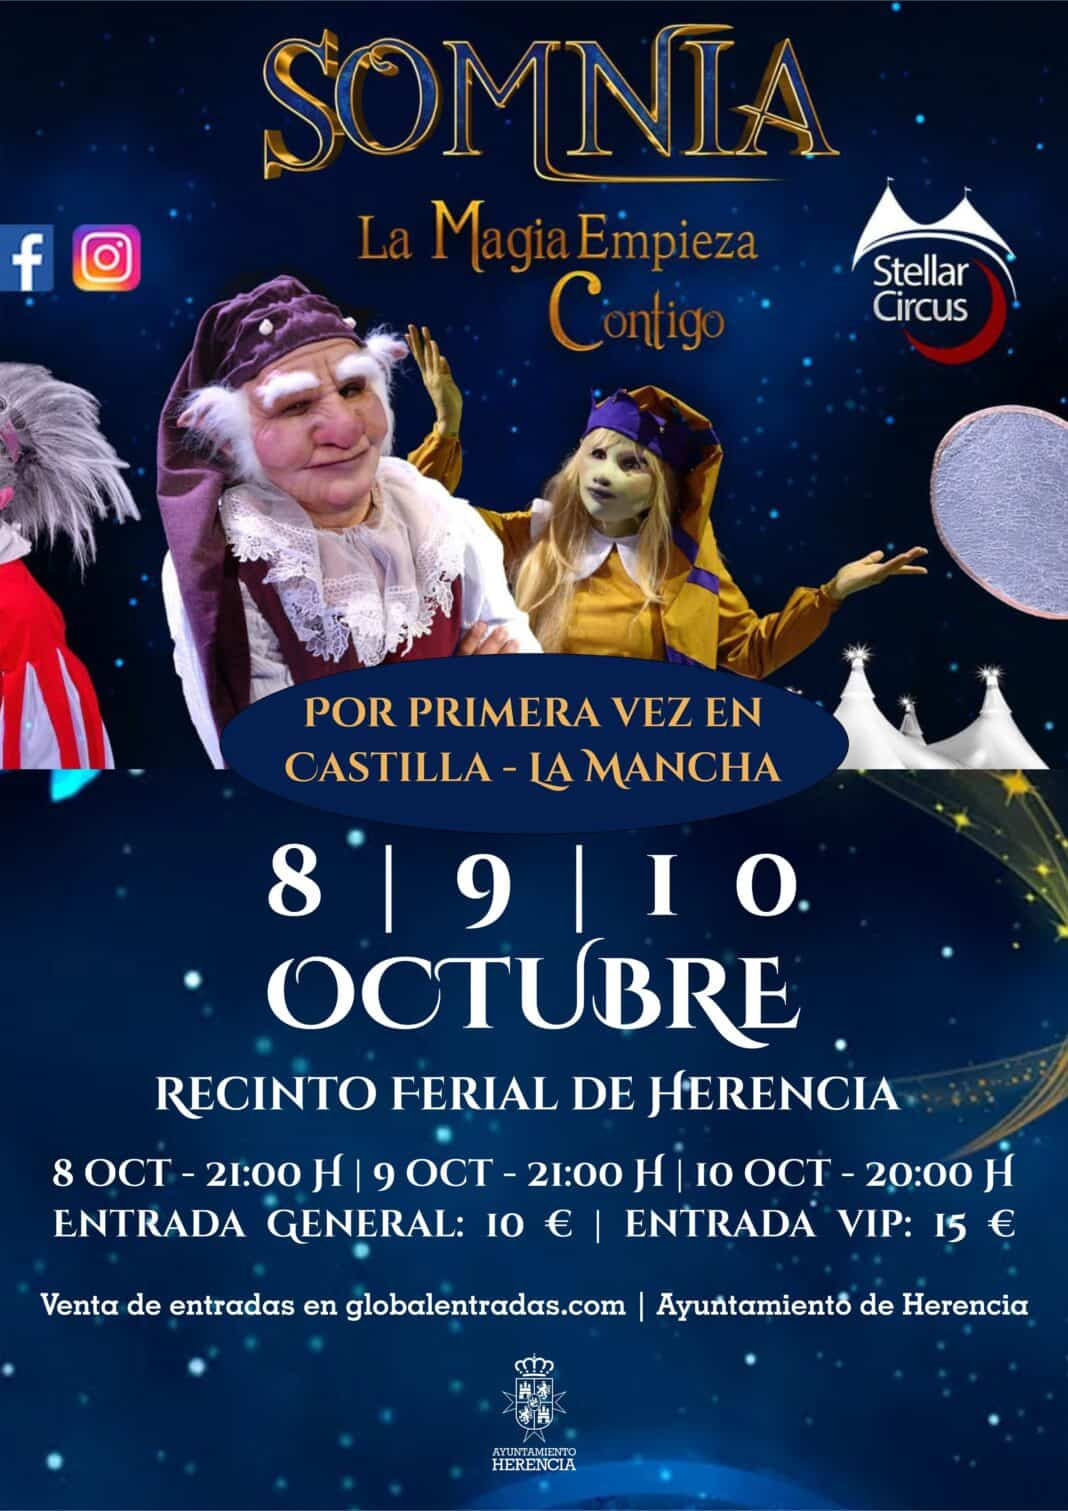 Somnia, el mayor espectáculo de entretenimiento, música, danza y magia jamás visto en España llega a Herencia 1